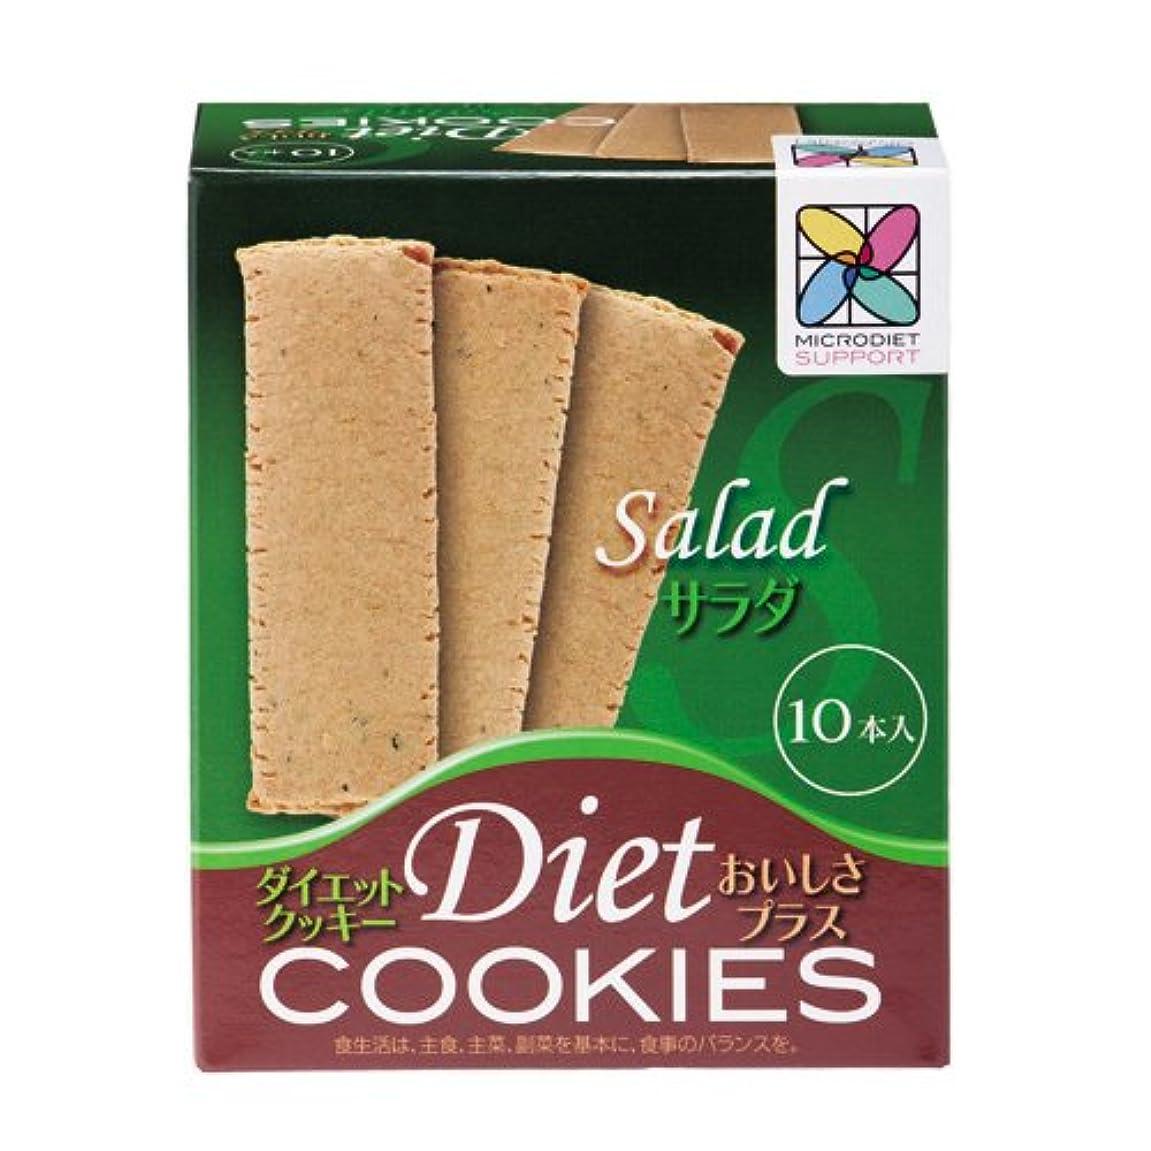 はっきりと解体する女王ダイエットクッキーおいしさプラス(サラダ:1箱)(03755)